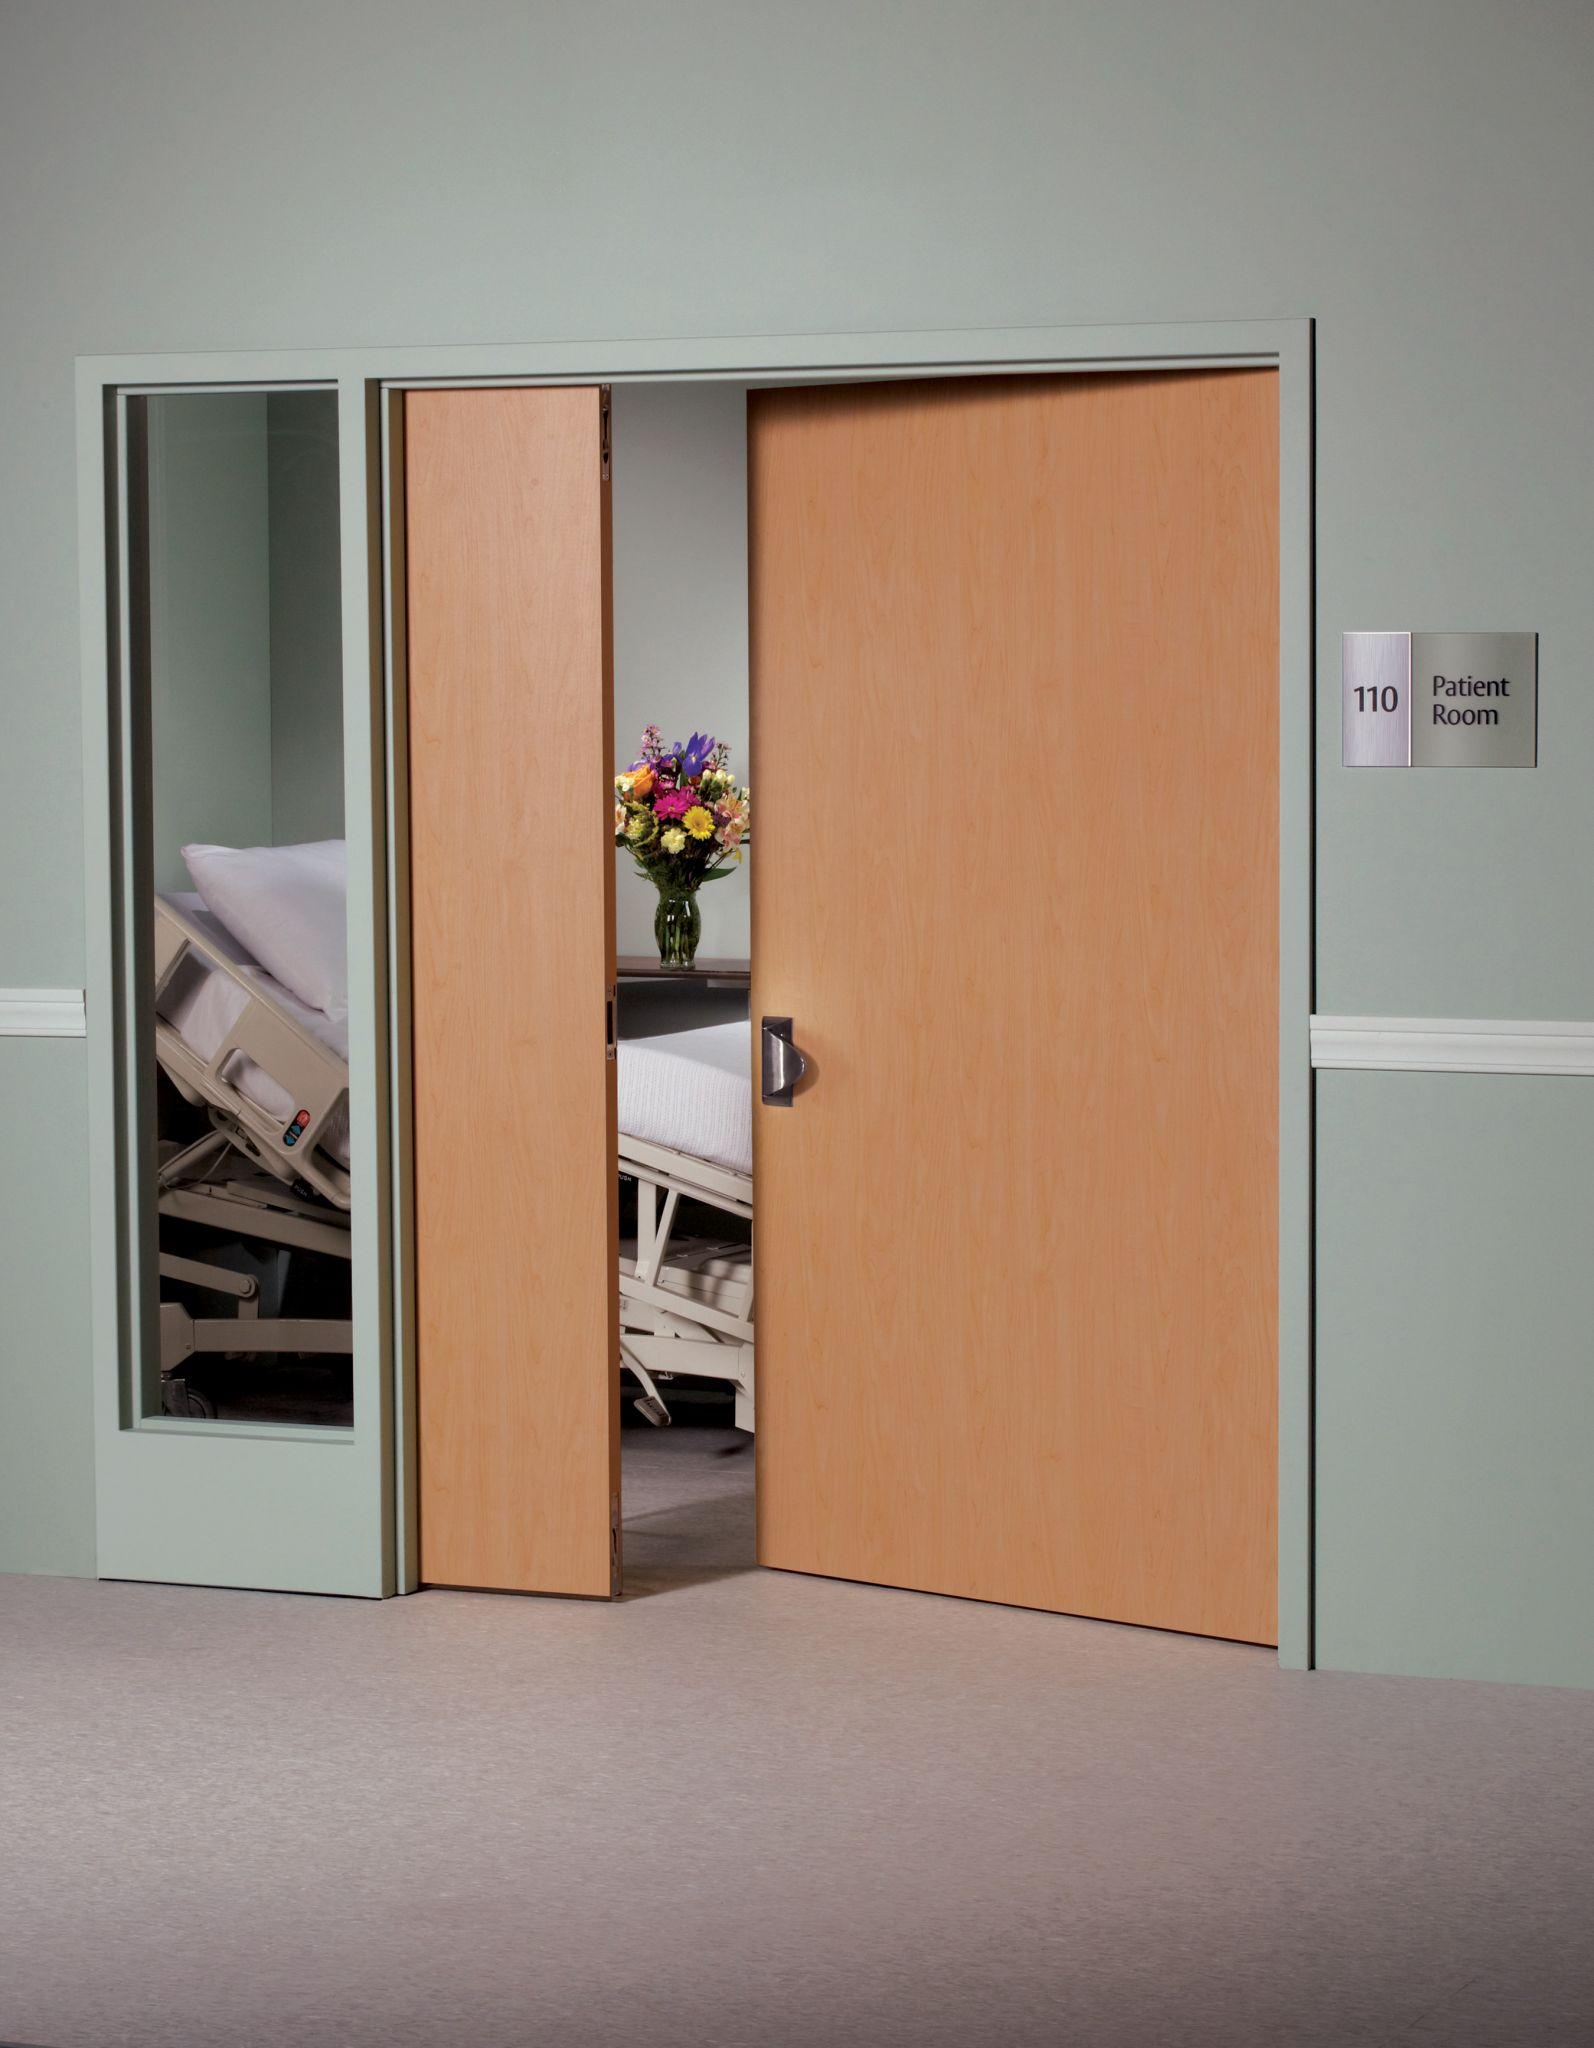 Hospital Patient Room Door Hardware